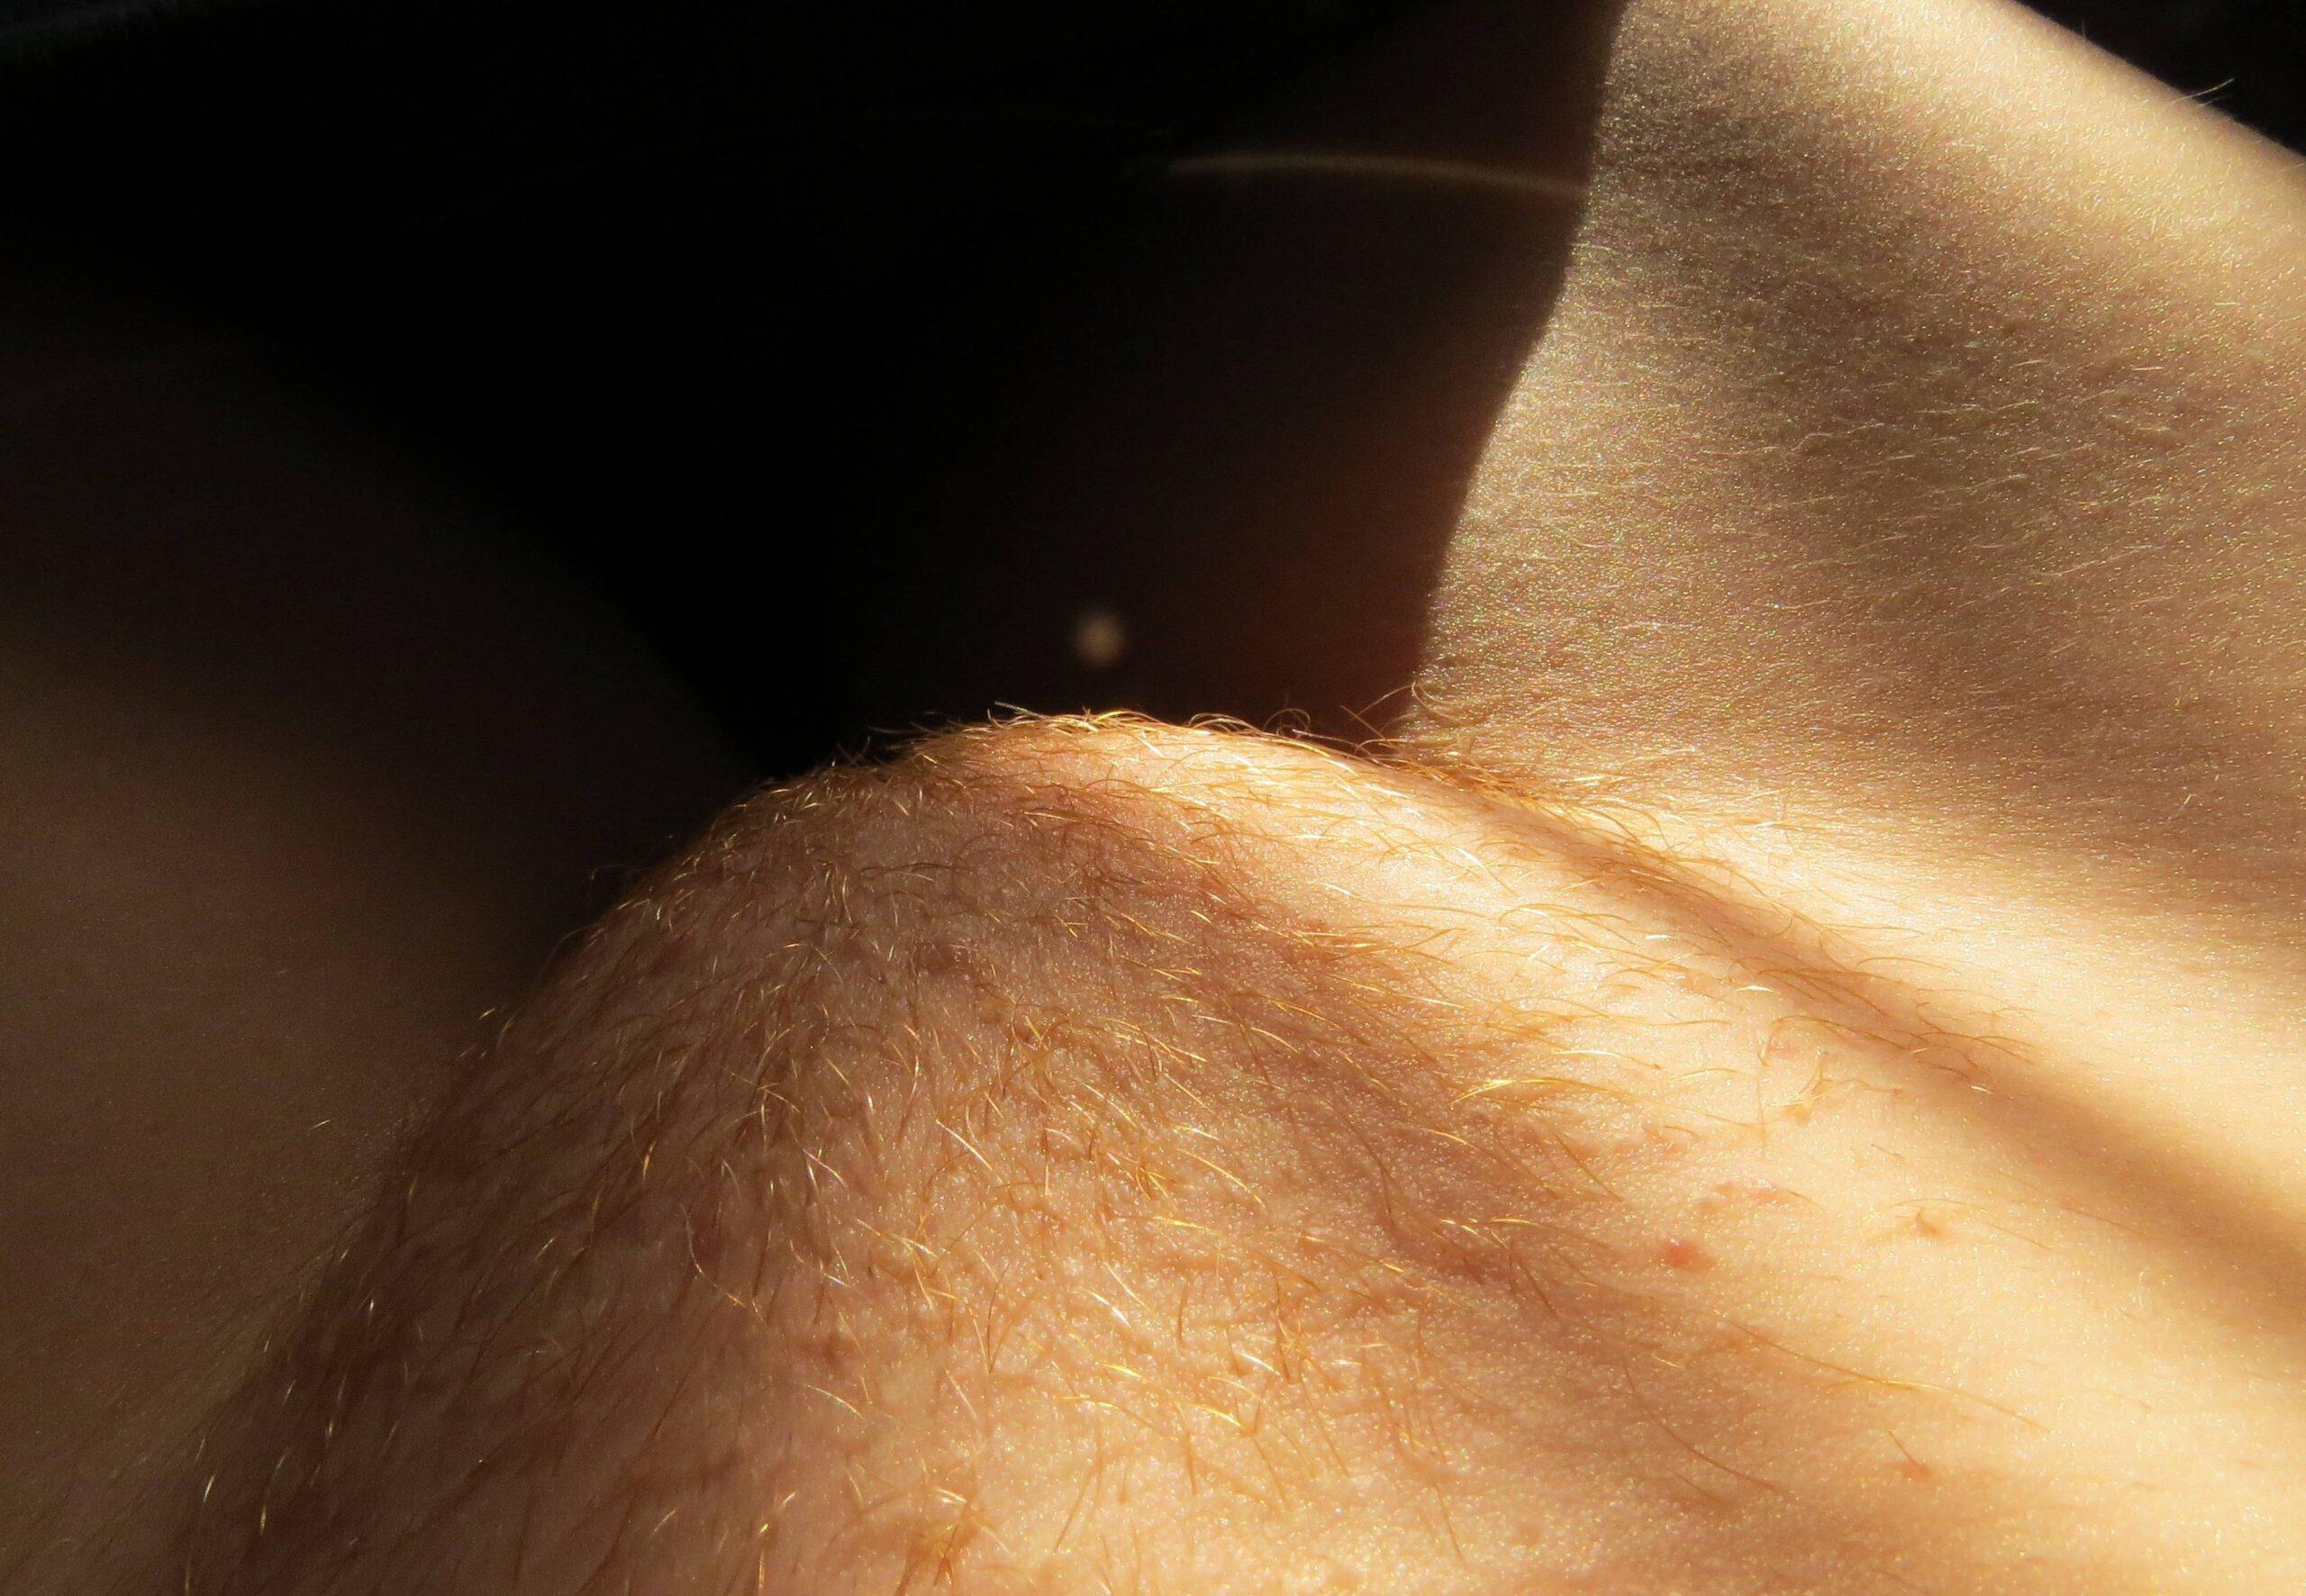 【外人まんげエロポルノ画像】マン毛にこだわった美少女たちのエロすぎる写真集張ってみたwwwww 25 25 scaled